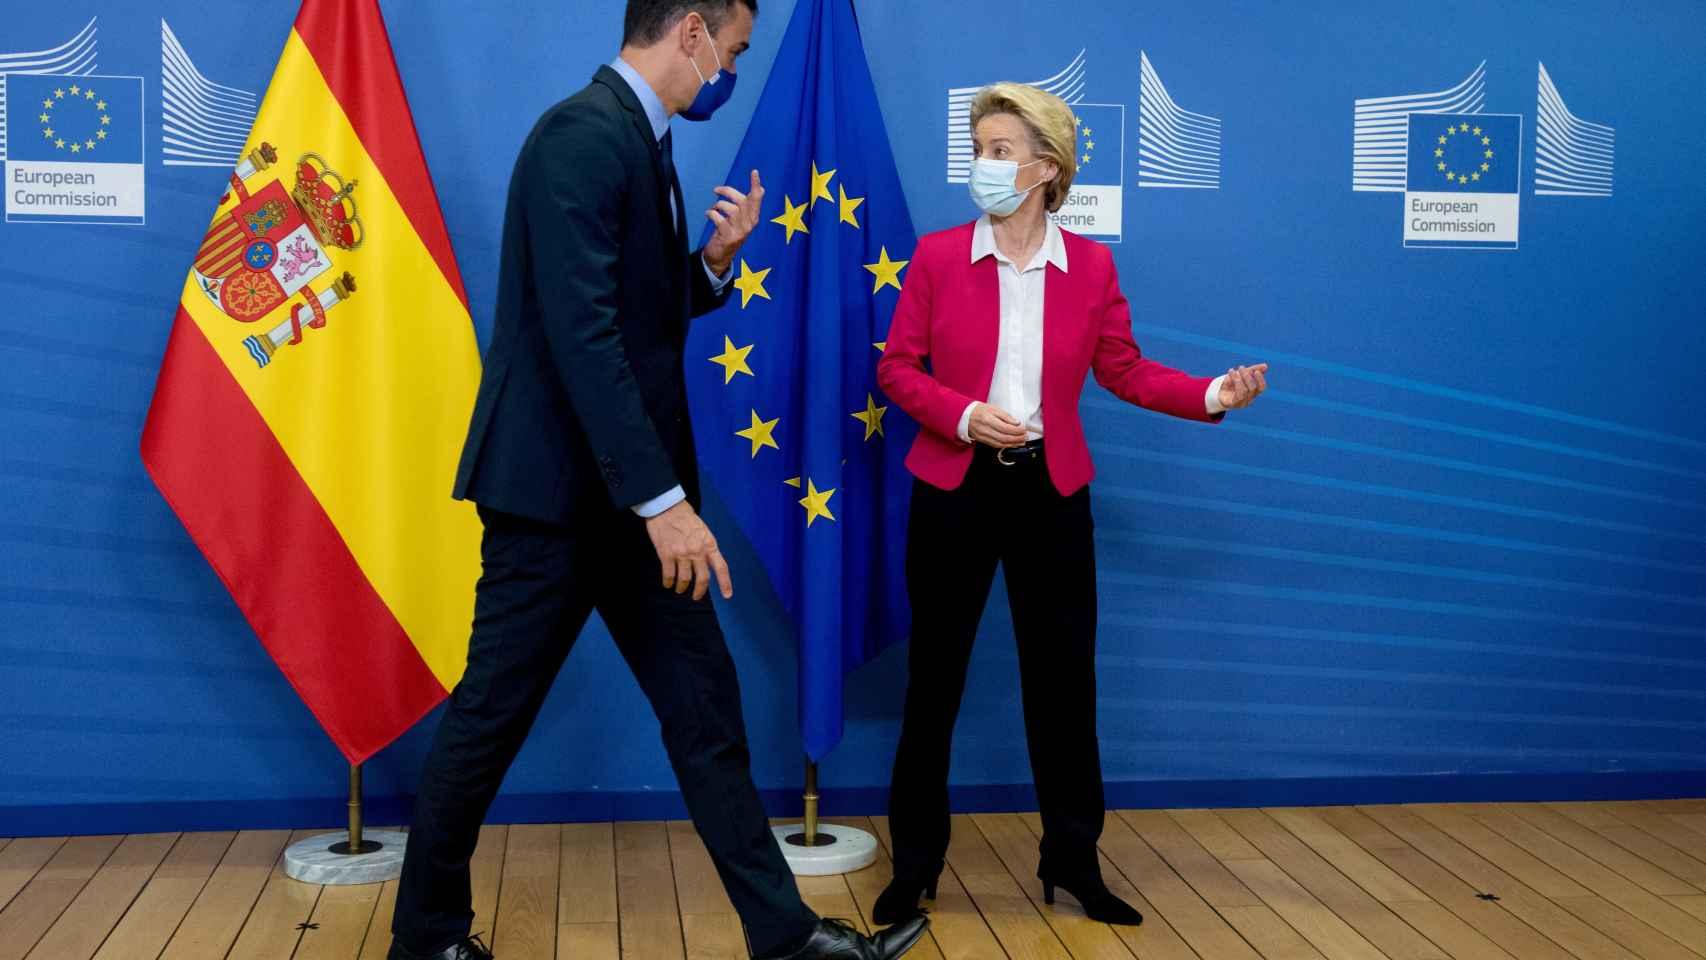 Pedro Sánchez y Ursula von der Leyen, durante su reunión del 23 de septiembre en Bruselas